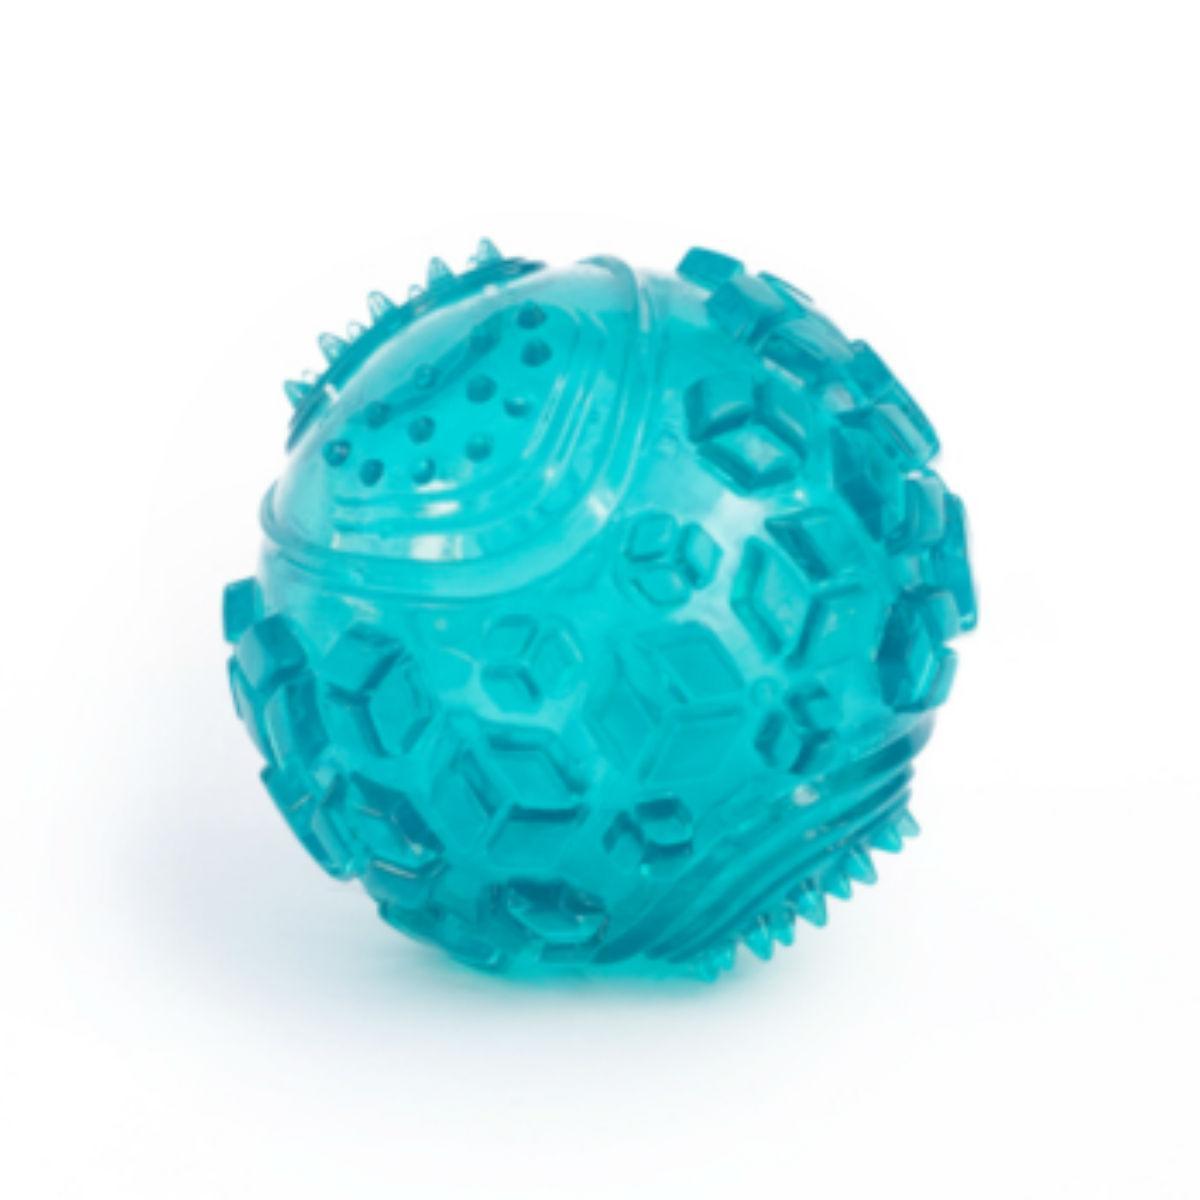 ZippyTuff Squeaker Ball Dog Toy - Teal